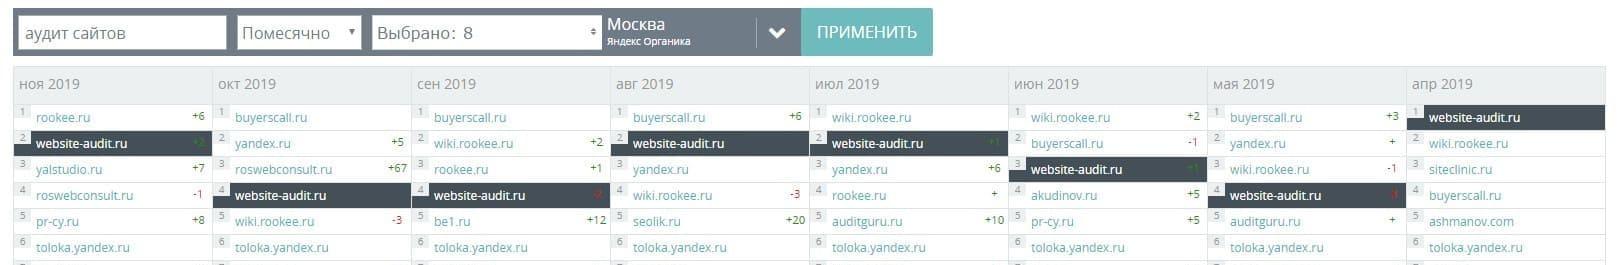 websiteauditor.ru - лучший сайт по аудиту сайтов